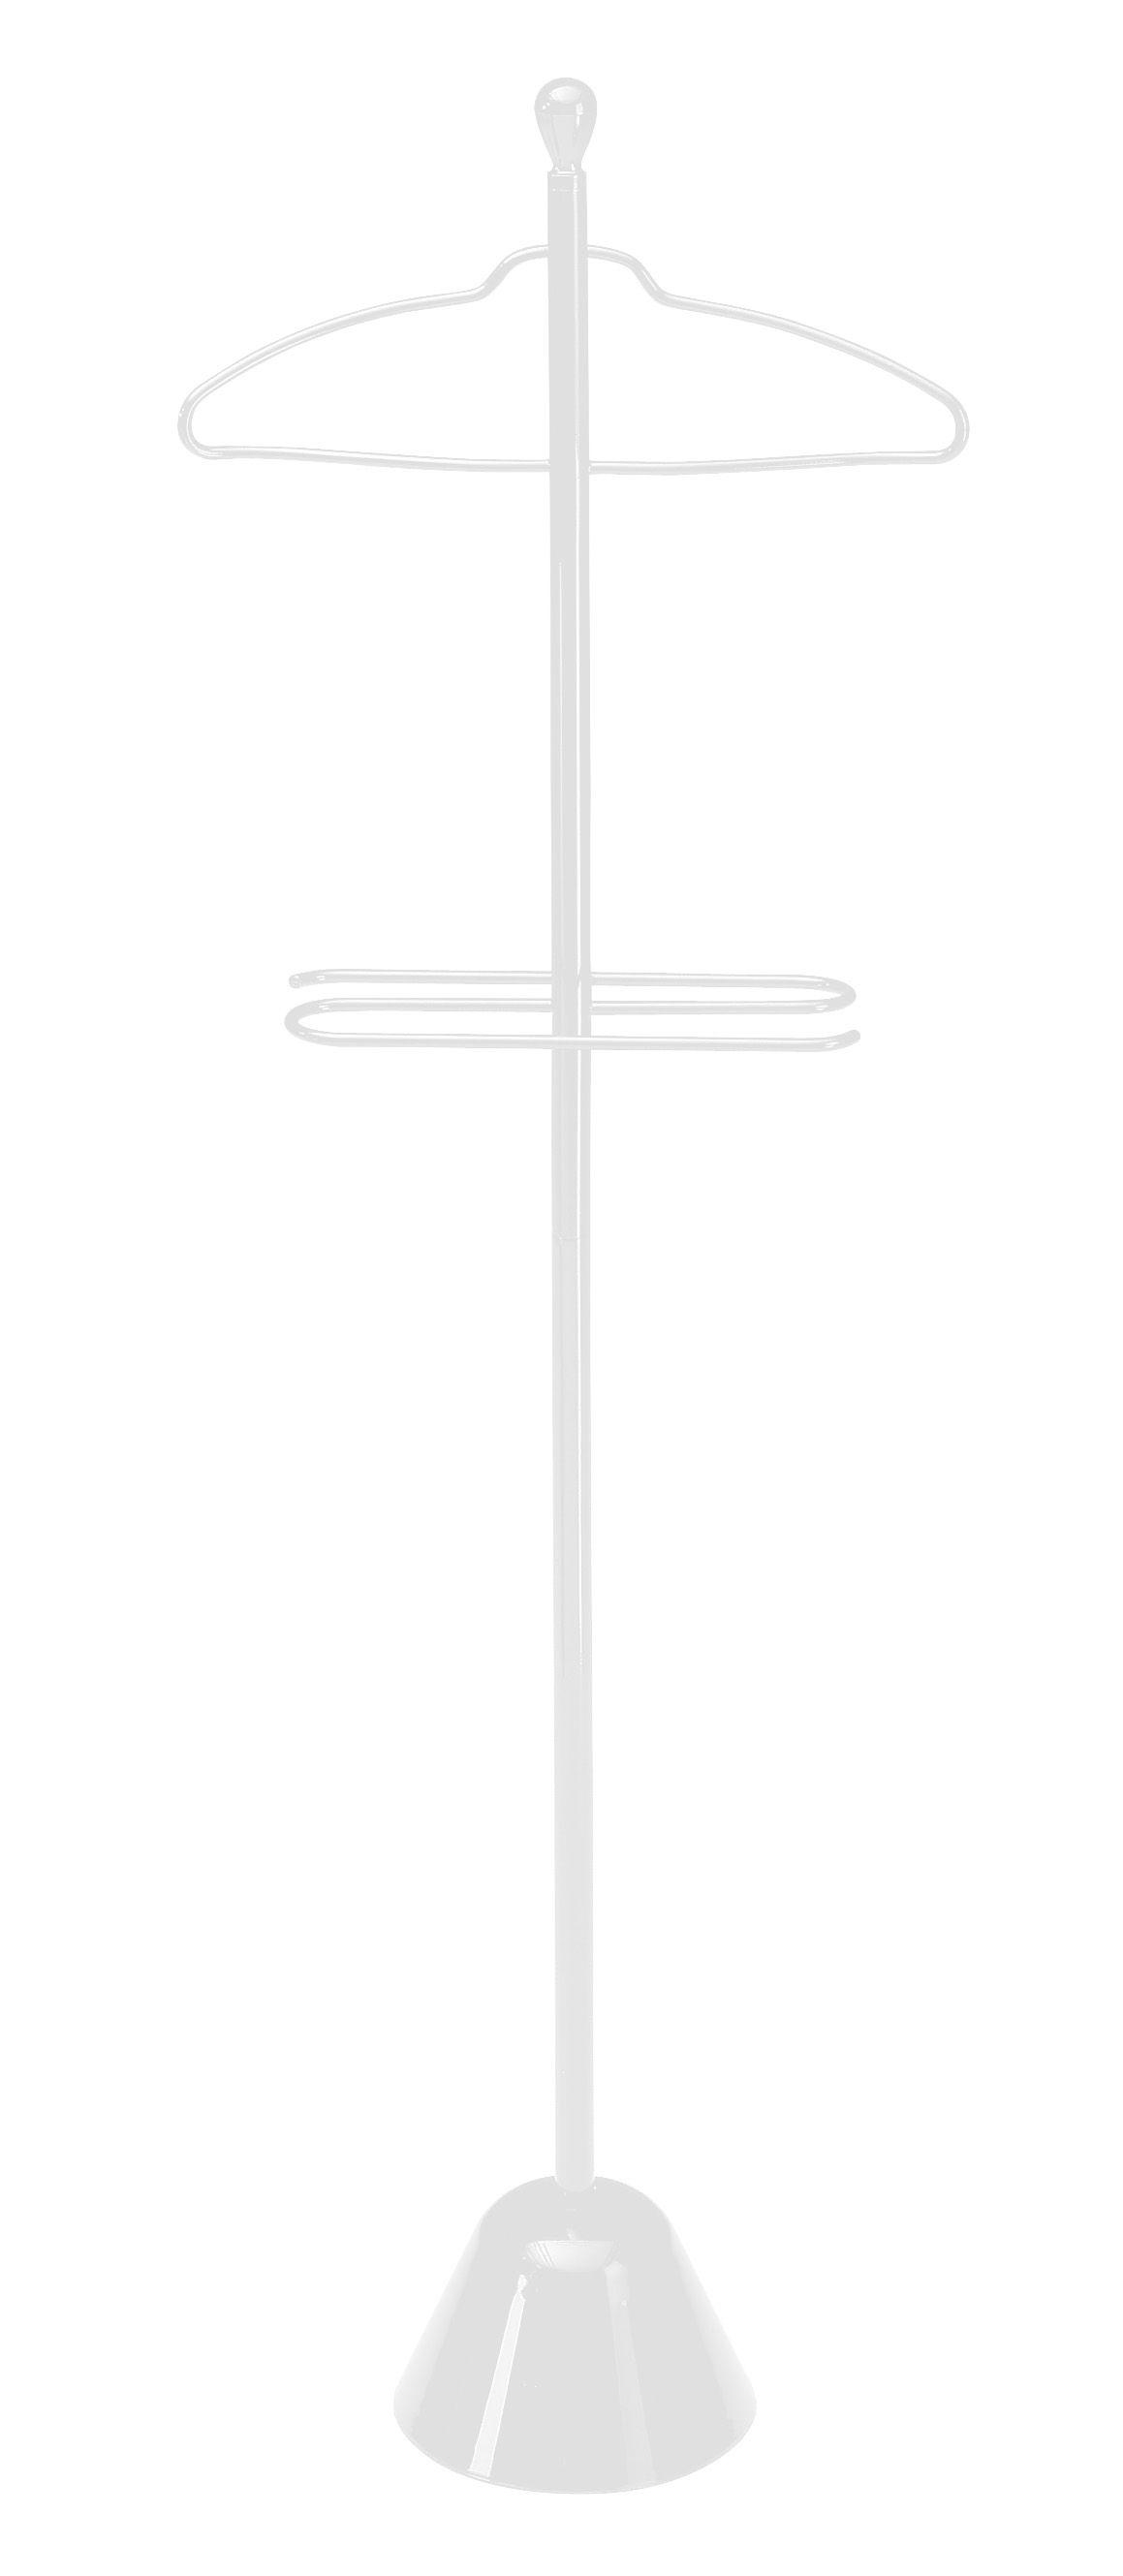 Mobilier - Compléments d'ameublement - Valet Servonotte - Zanotta - Blanc - Acier verni